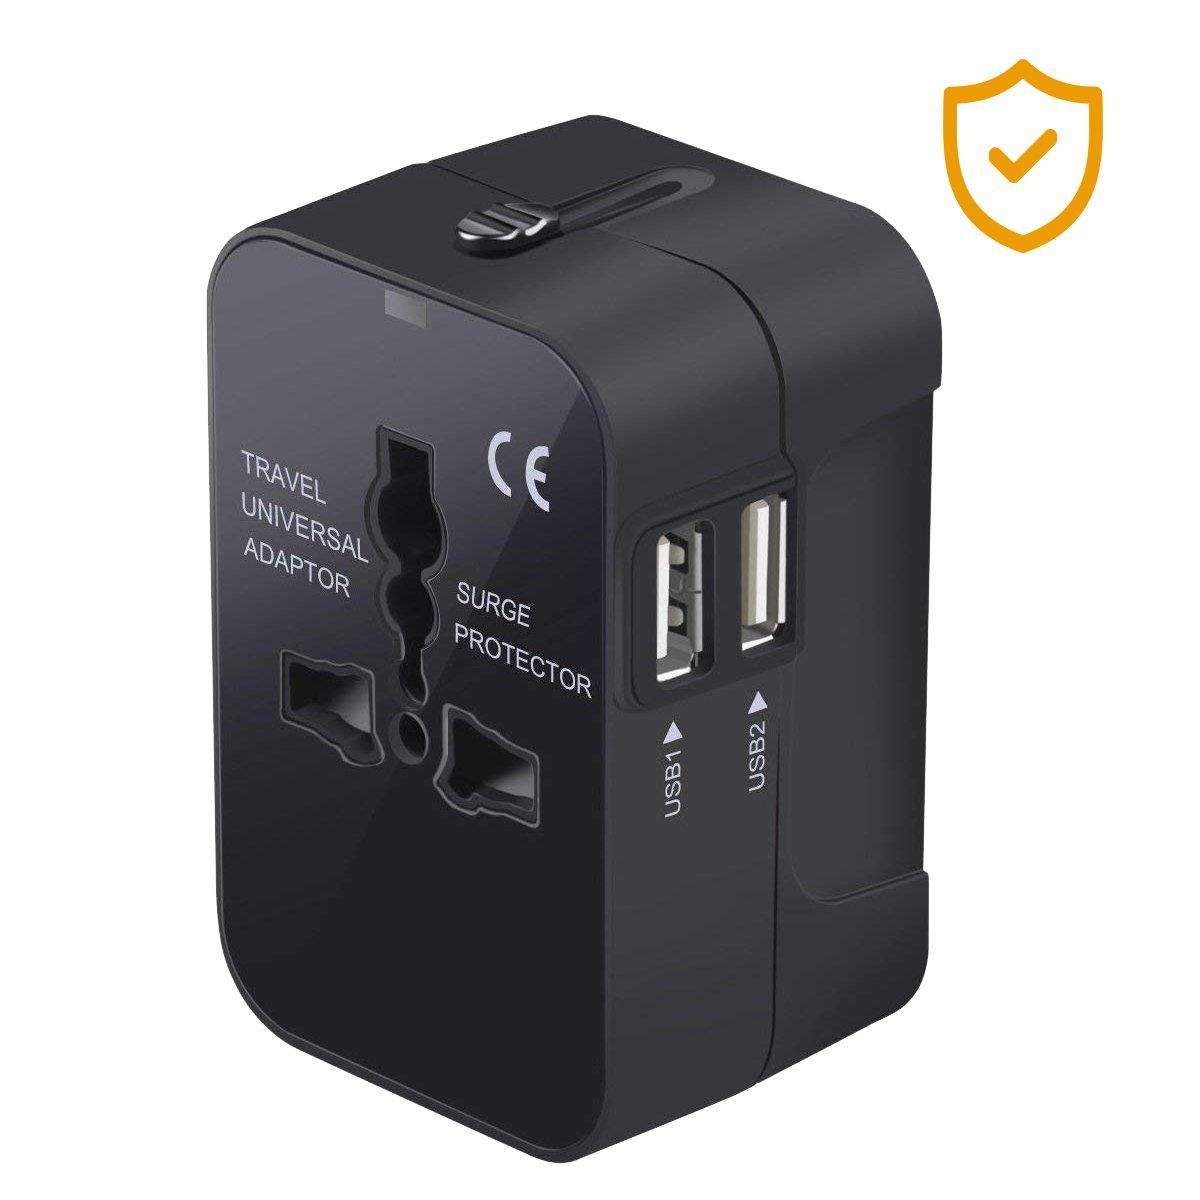 Adattatore da Viaggio Universale, Hovast Adattatore Presa Spina con 2 USB Adattatore All-in-one Caricatore, Alimentazione Caricatore Africane/europee/americane Adatto per più di paesi (1pcs)